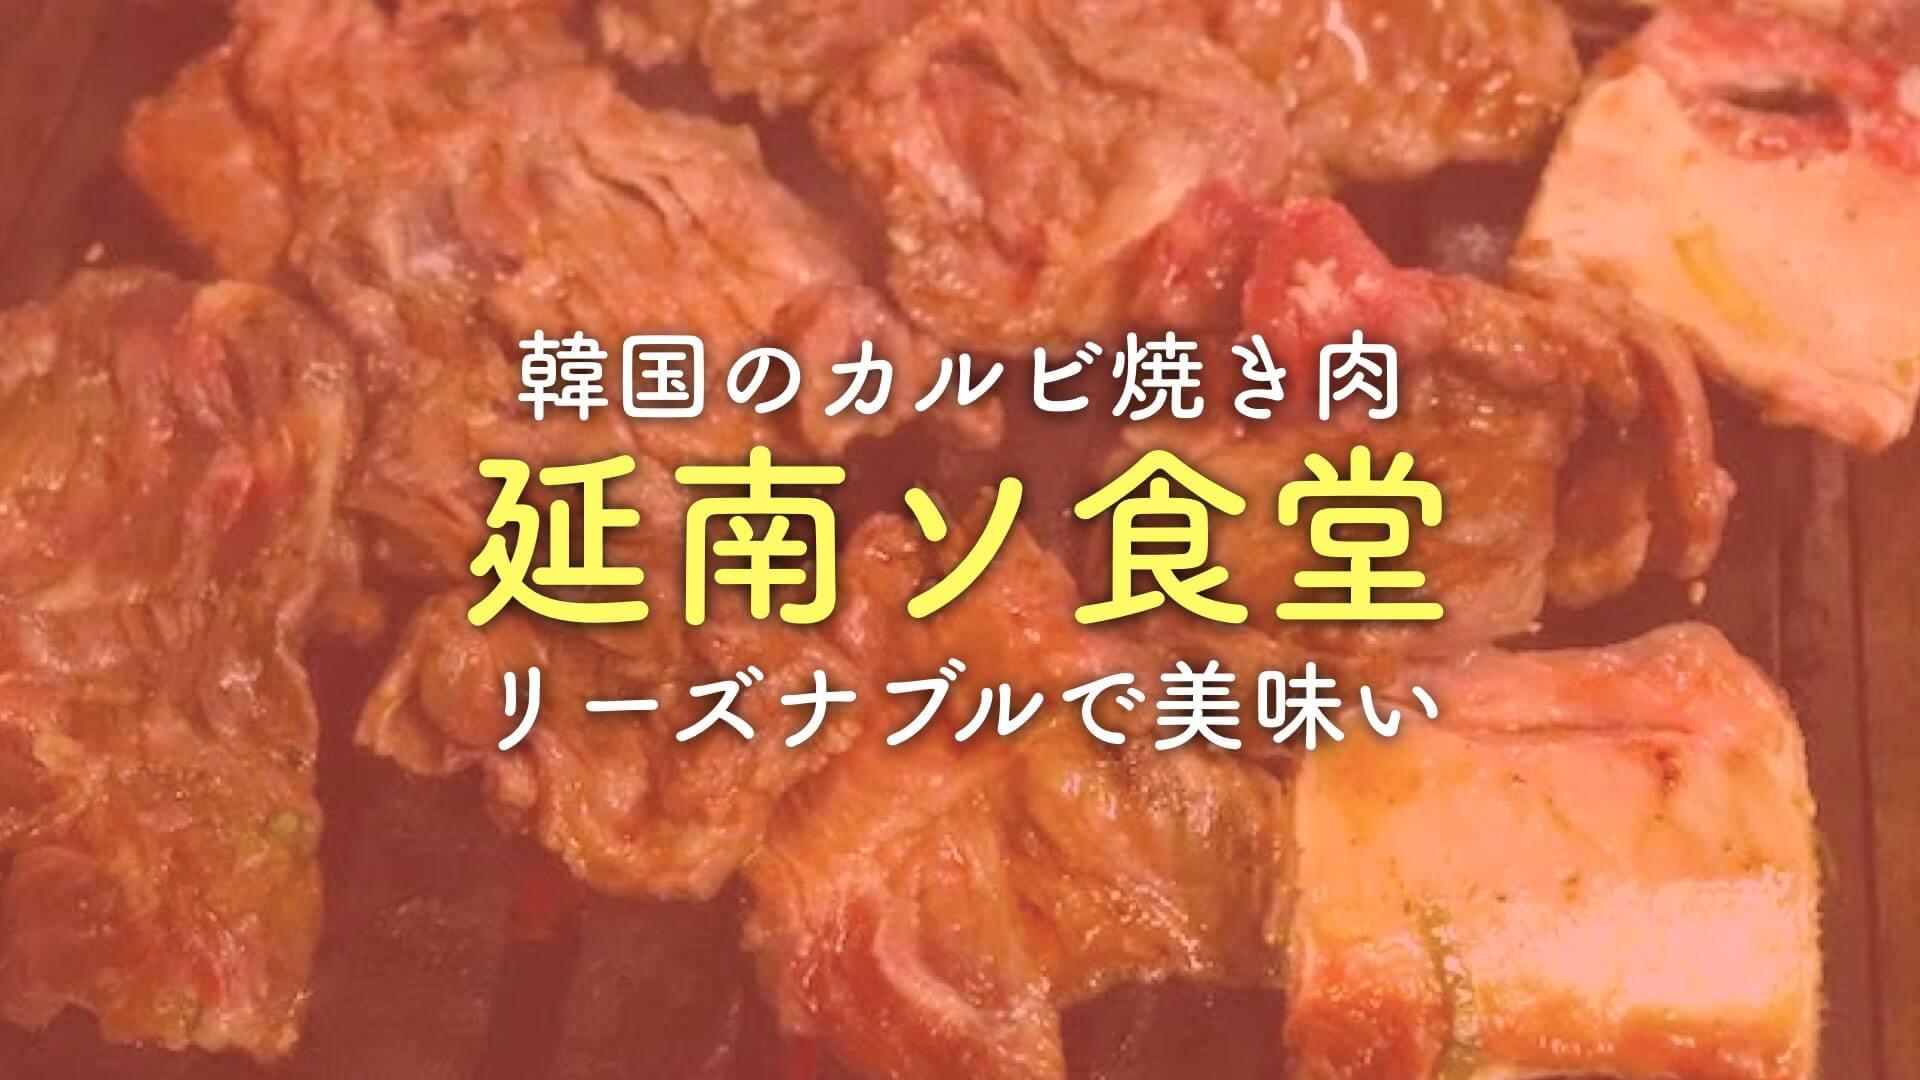 韓国の牛肉焼き肉には延南ソ食堂(旧:ソソカルビ)がおすすめ!